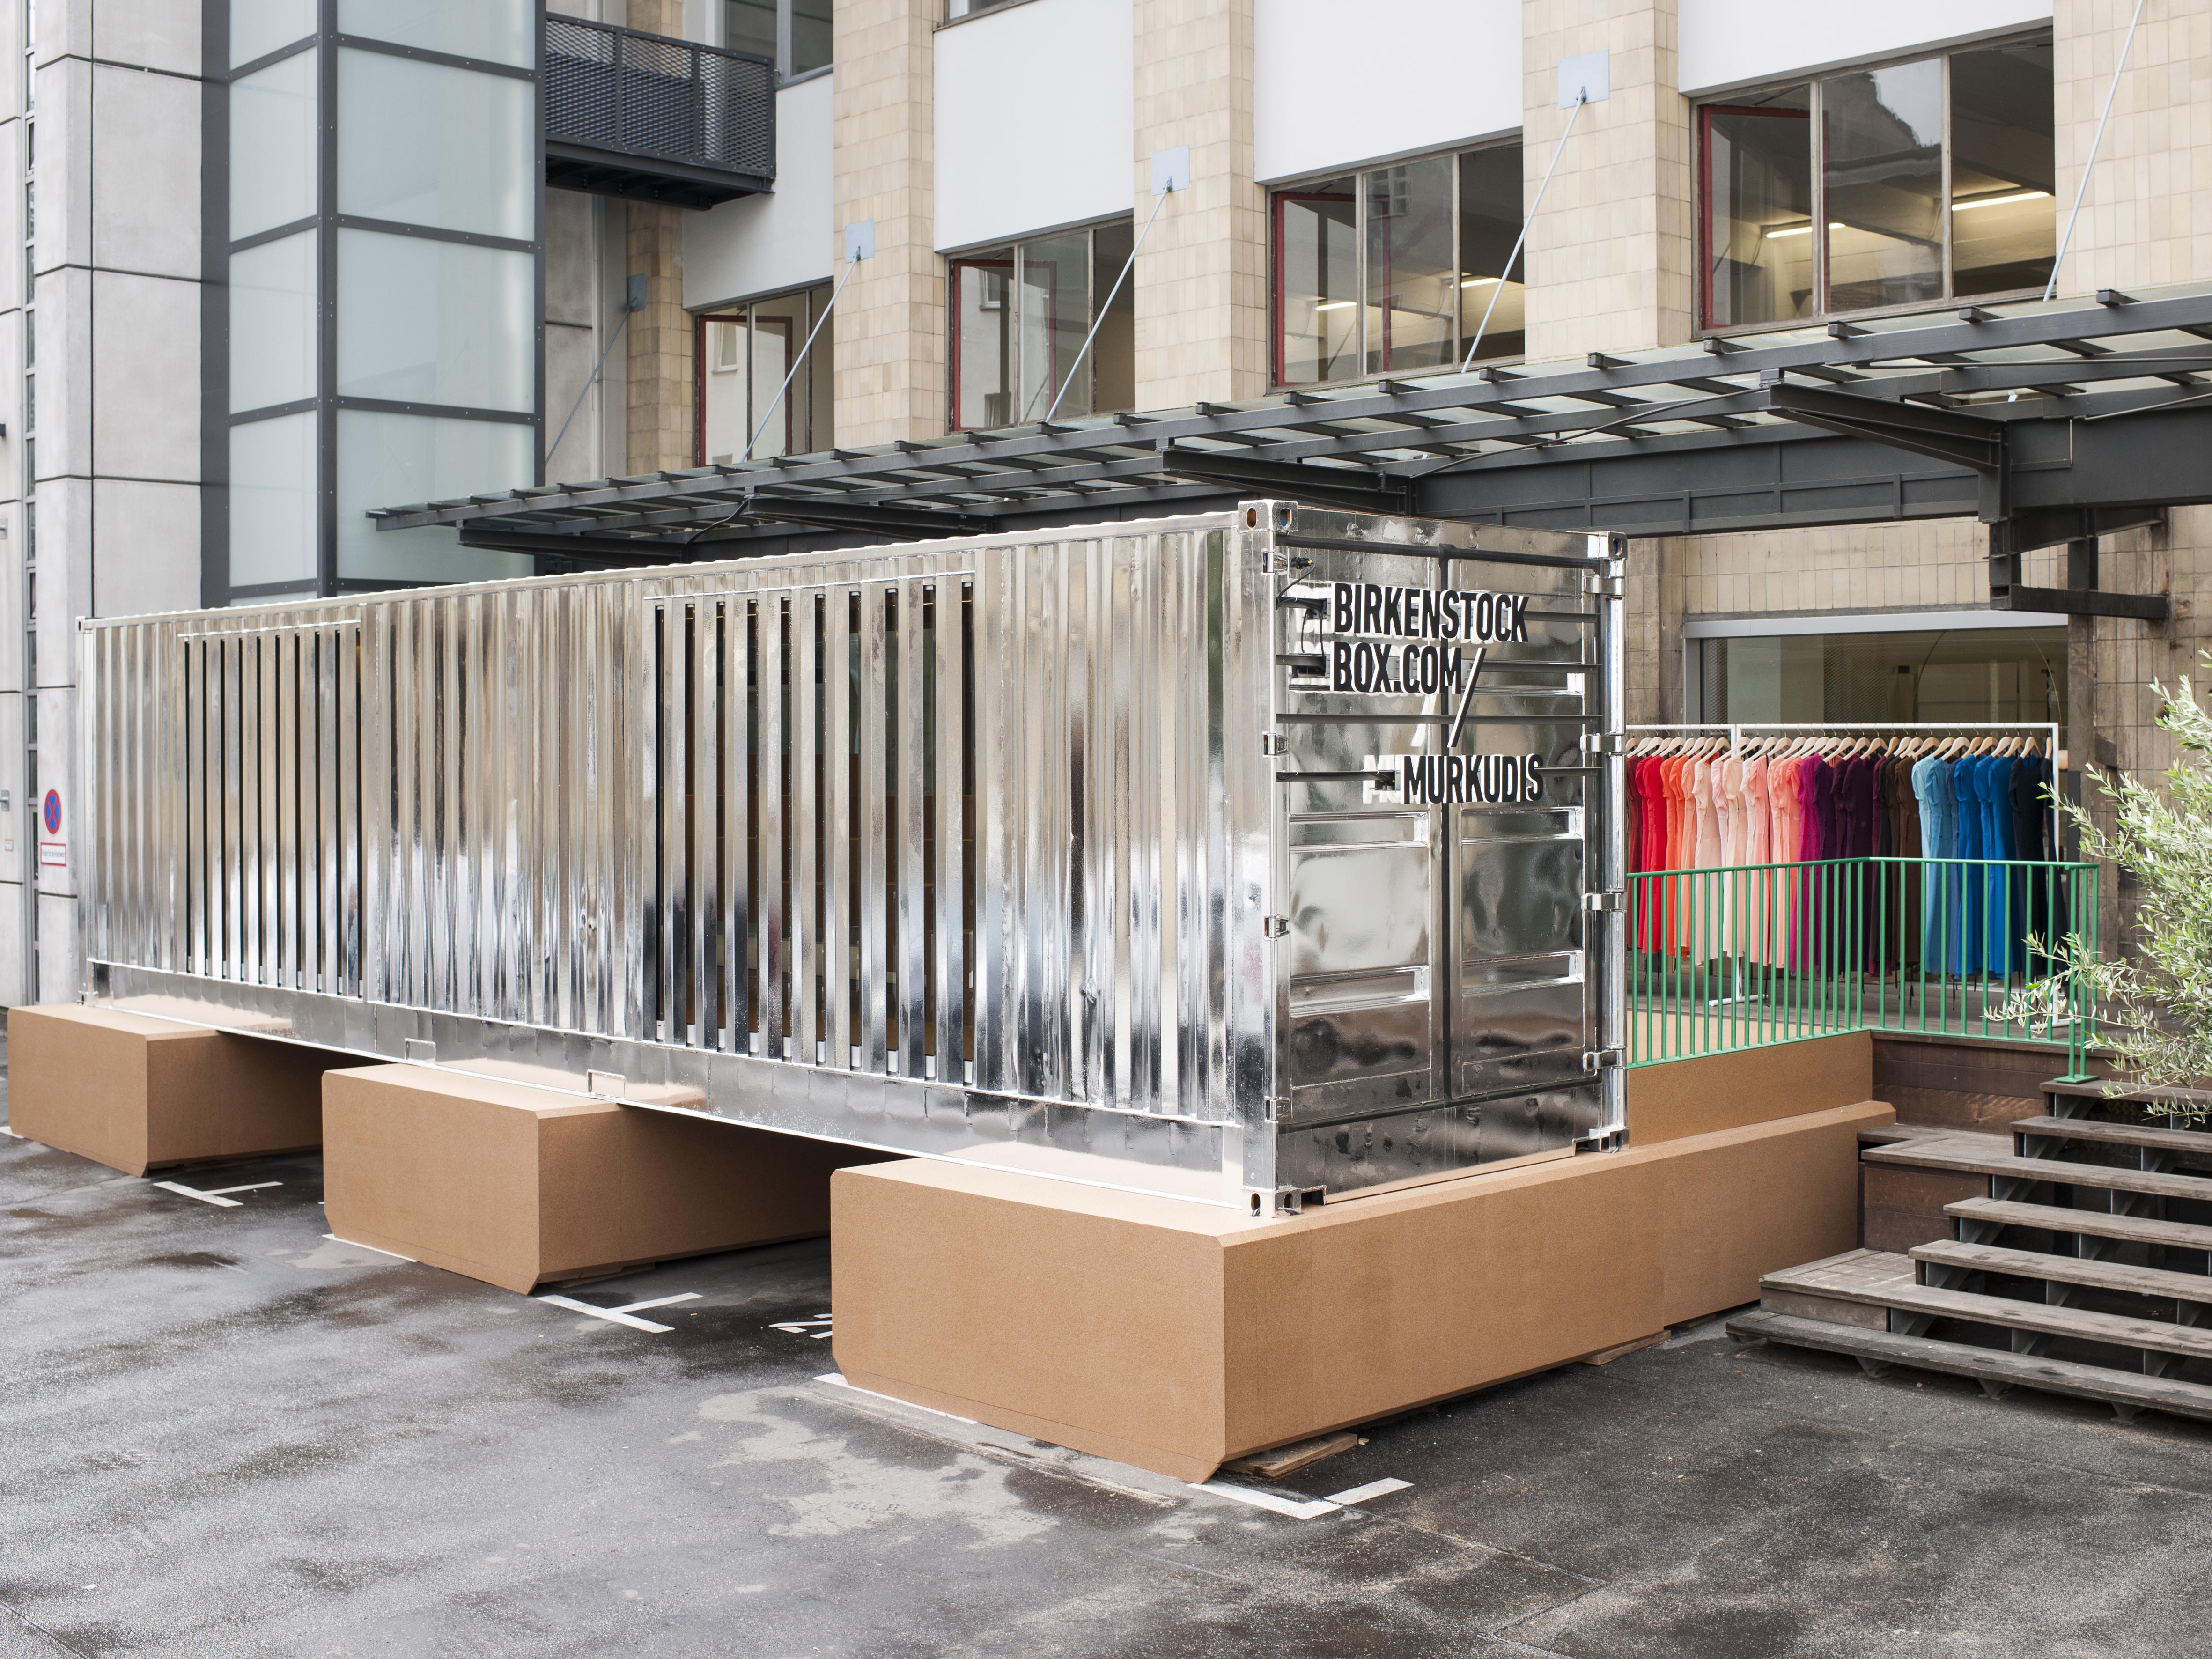 uberseecontainer als pop up store fur birkenstock im hof von andreas murkudis